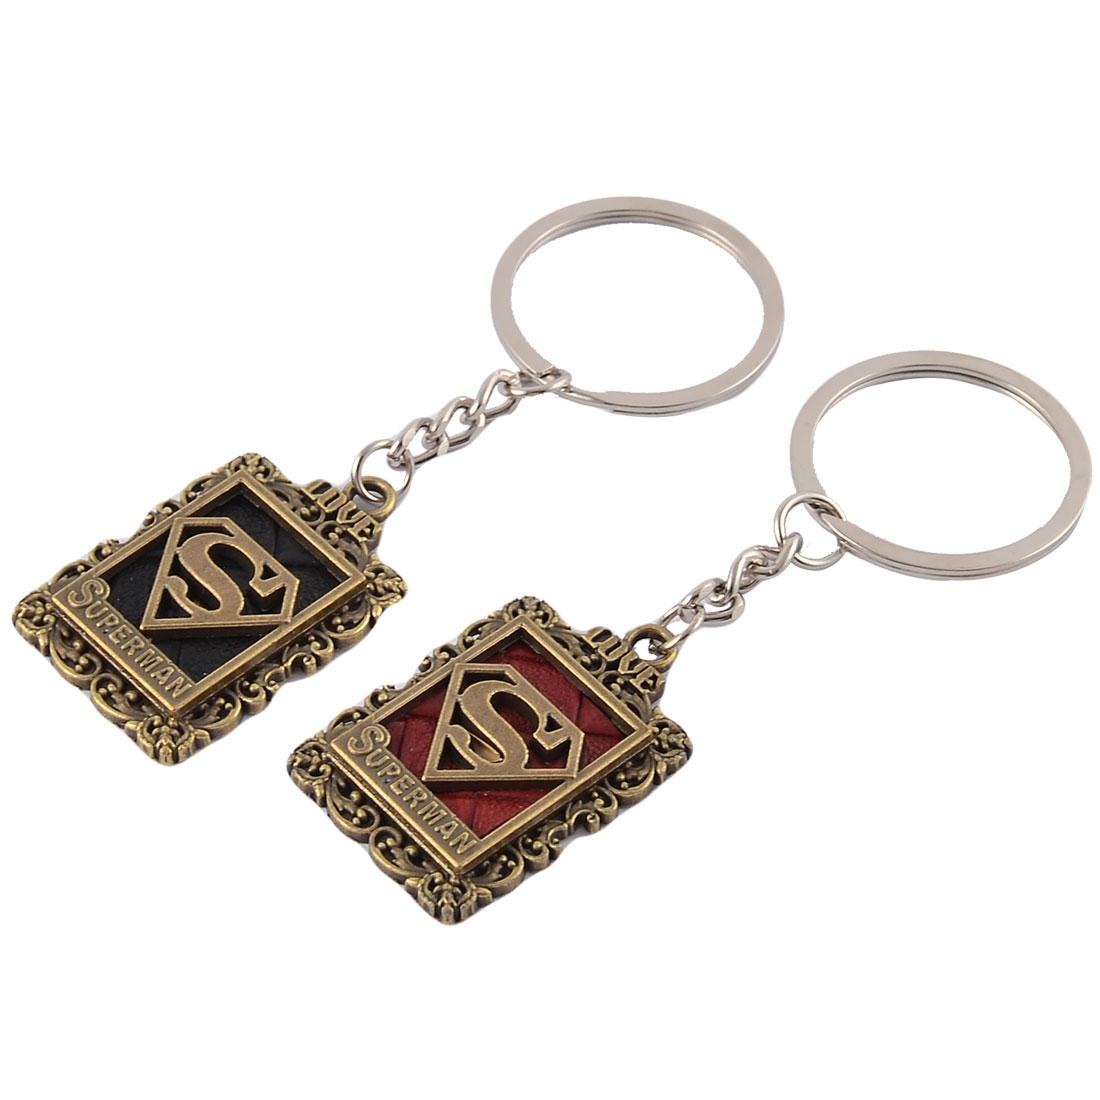 Couples Mobile Phone Pendants Decorative Keychain Key Ring Holder Keyring 2pcs